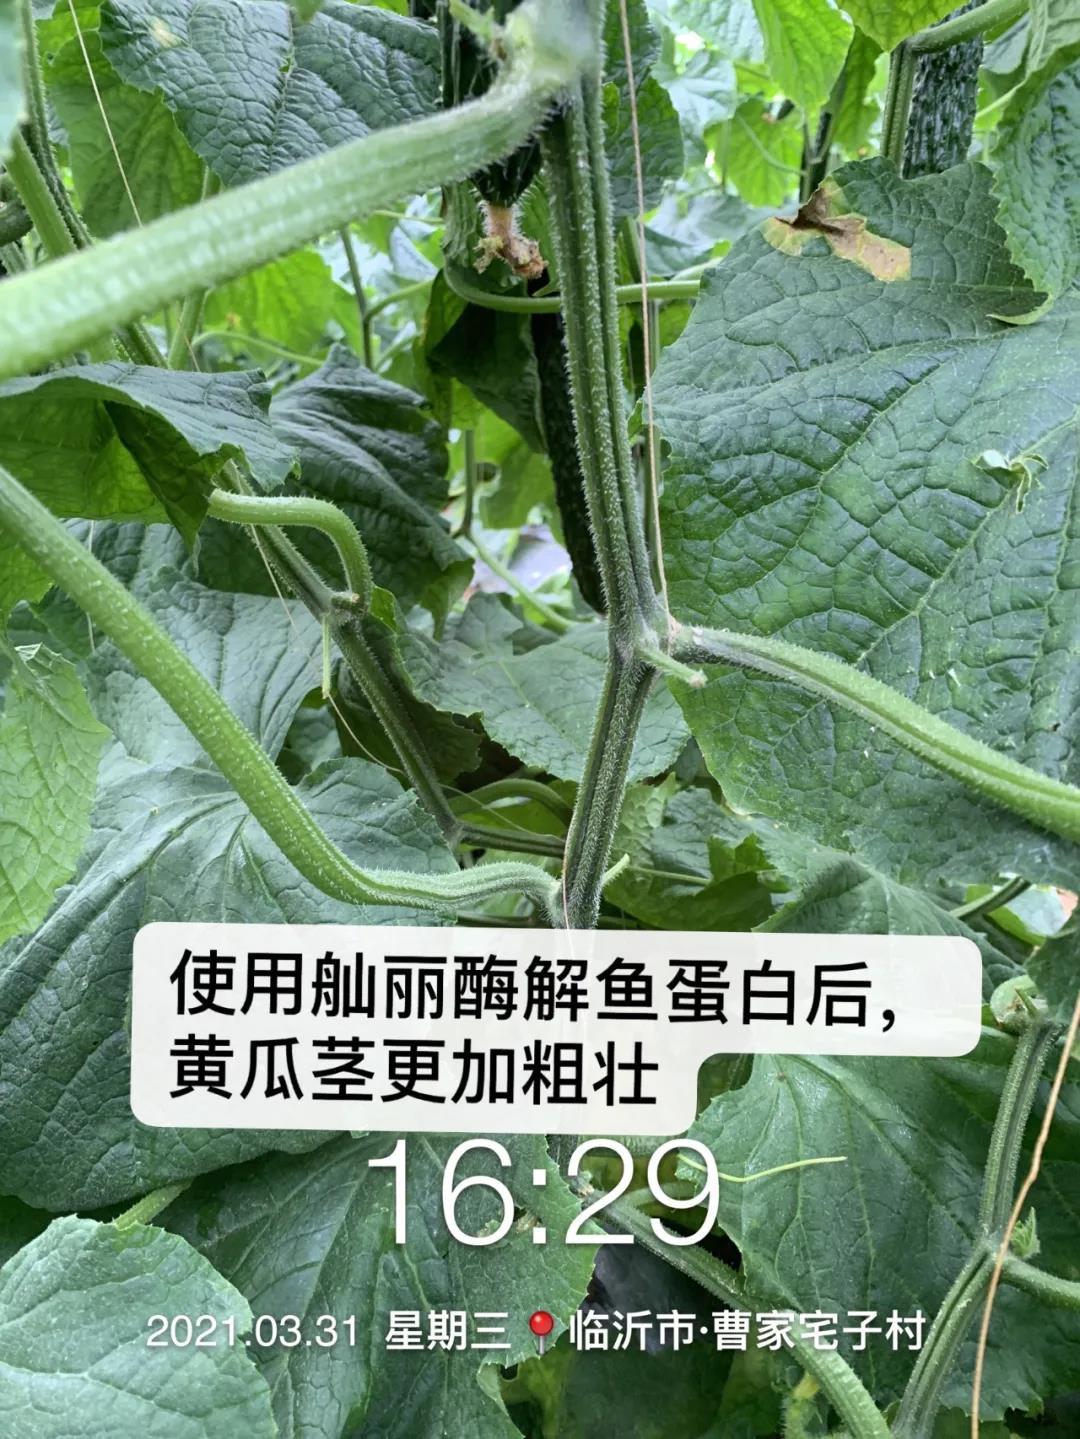 微信圖片_20210511104654.jpg